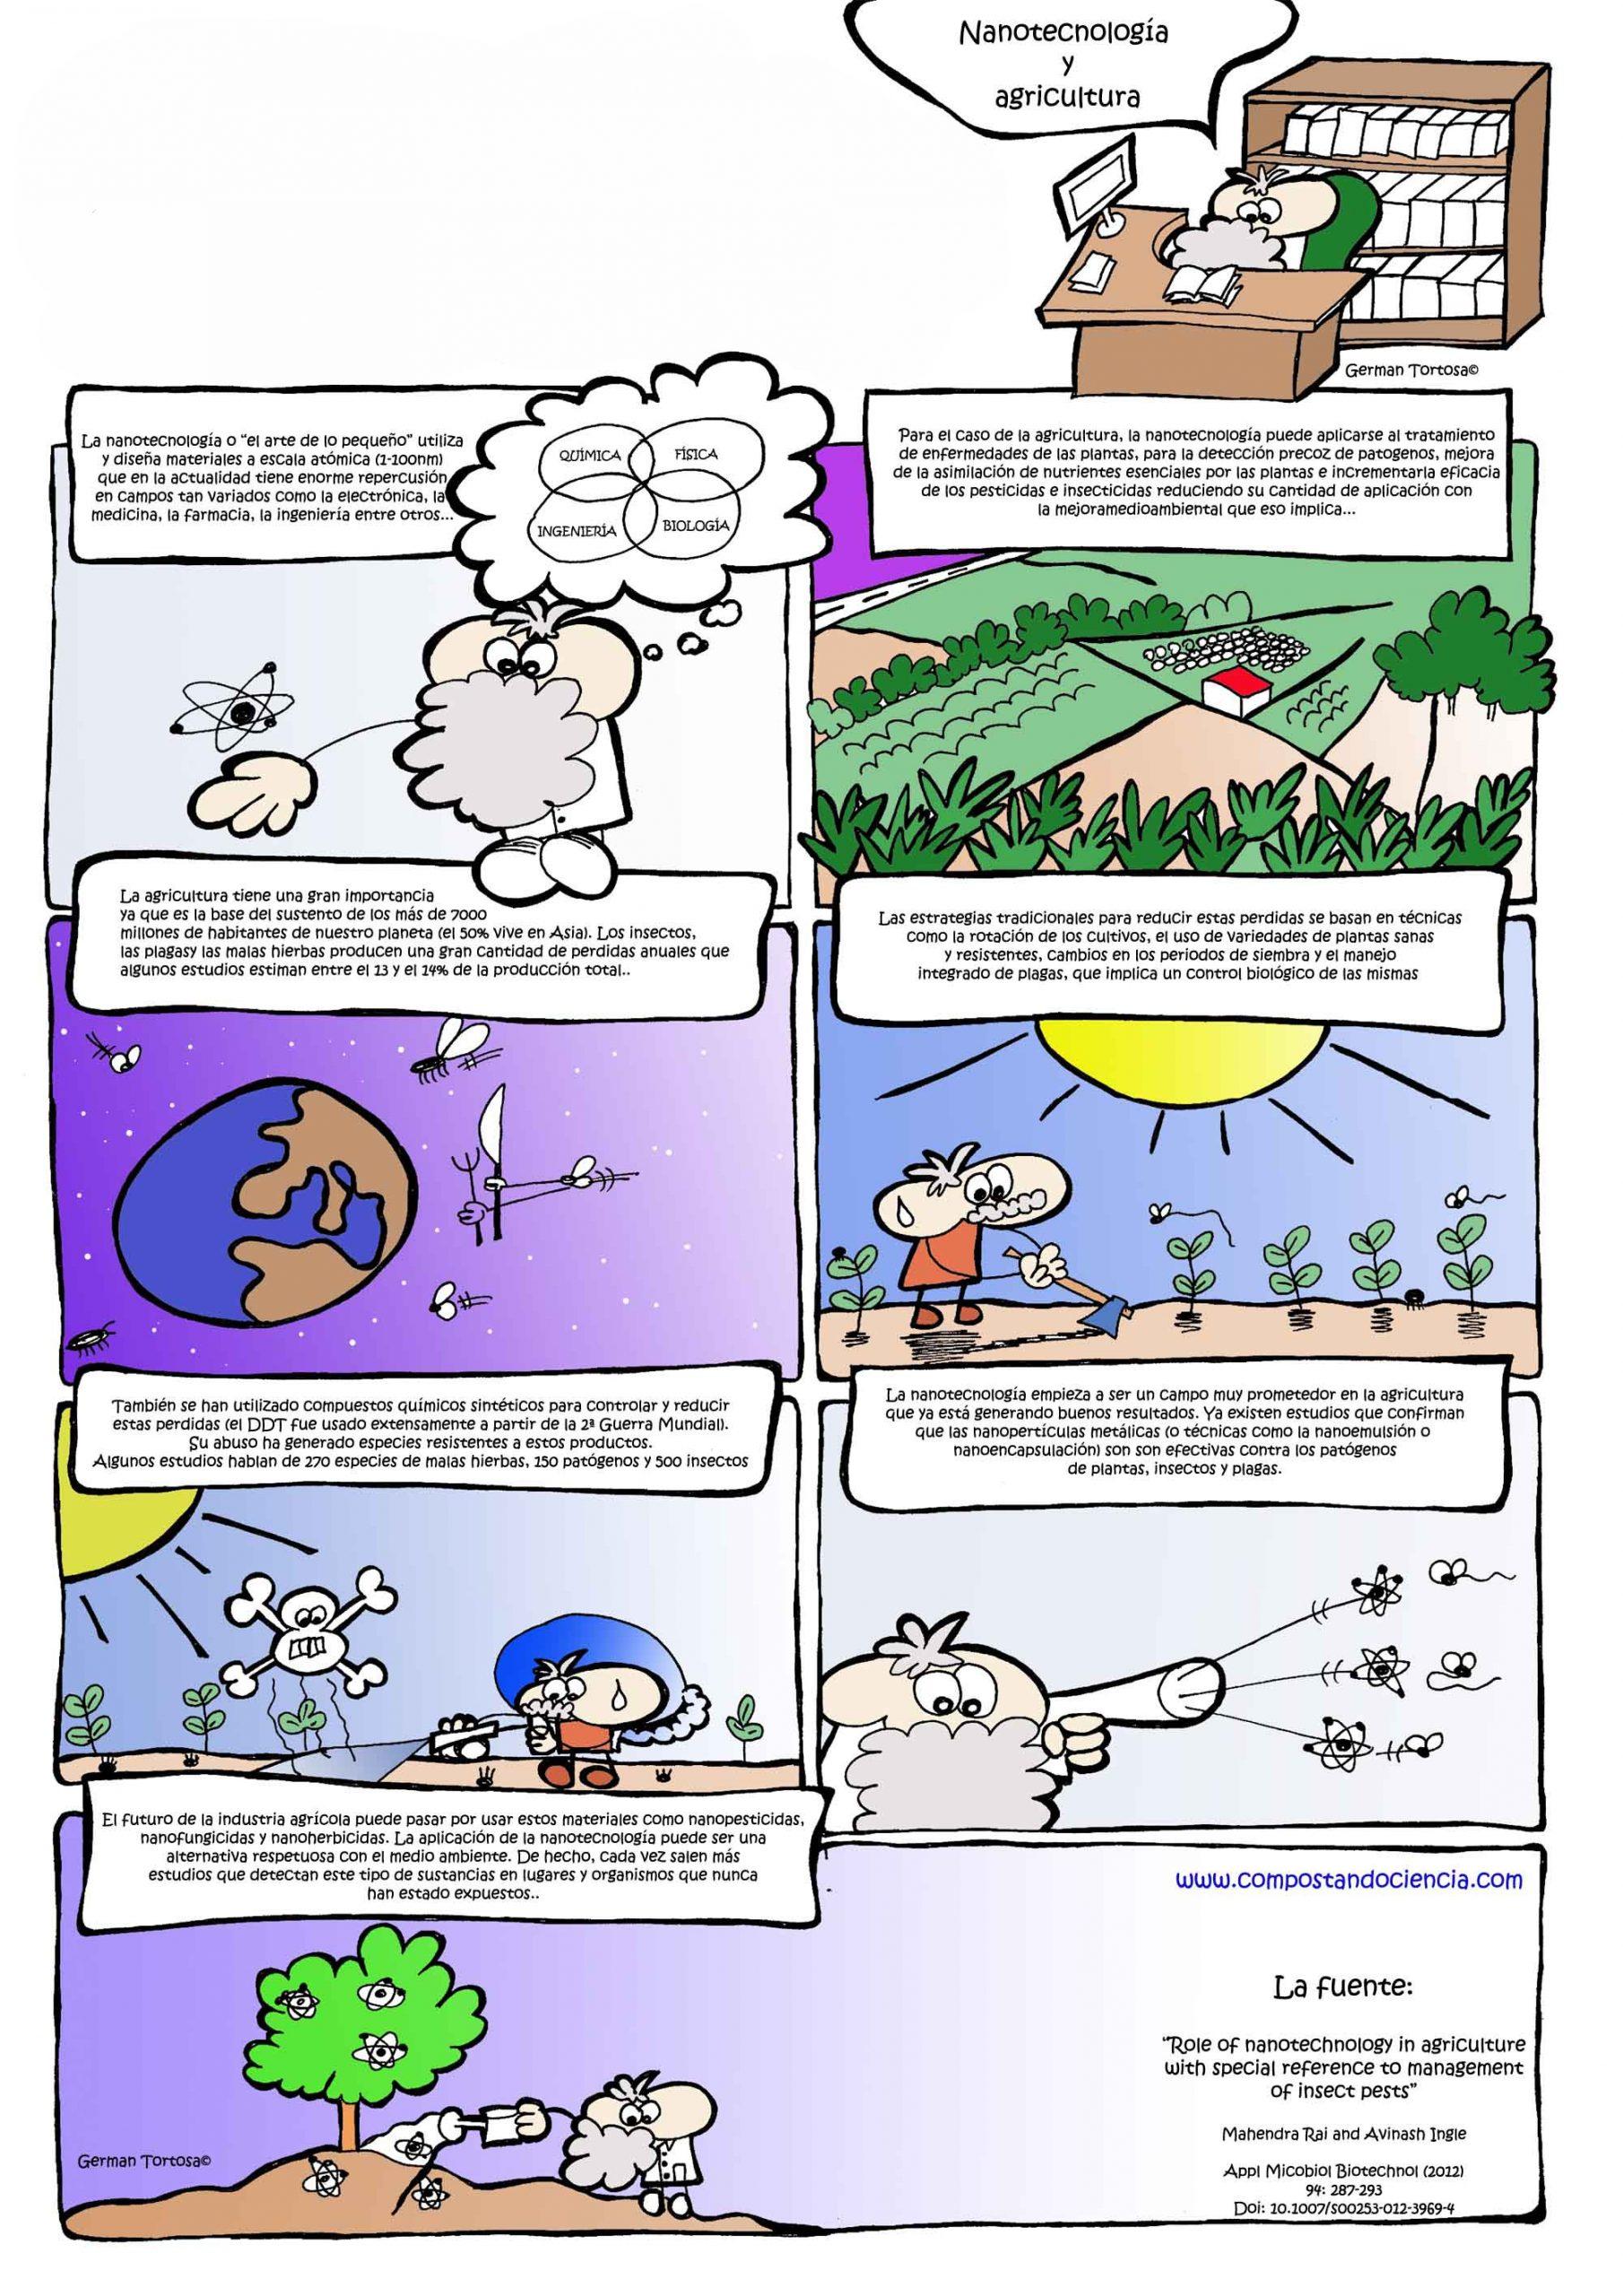 01) Divulgación: Nanotecnología y agricultura